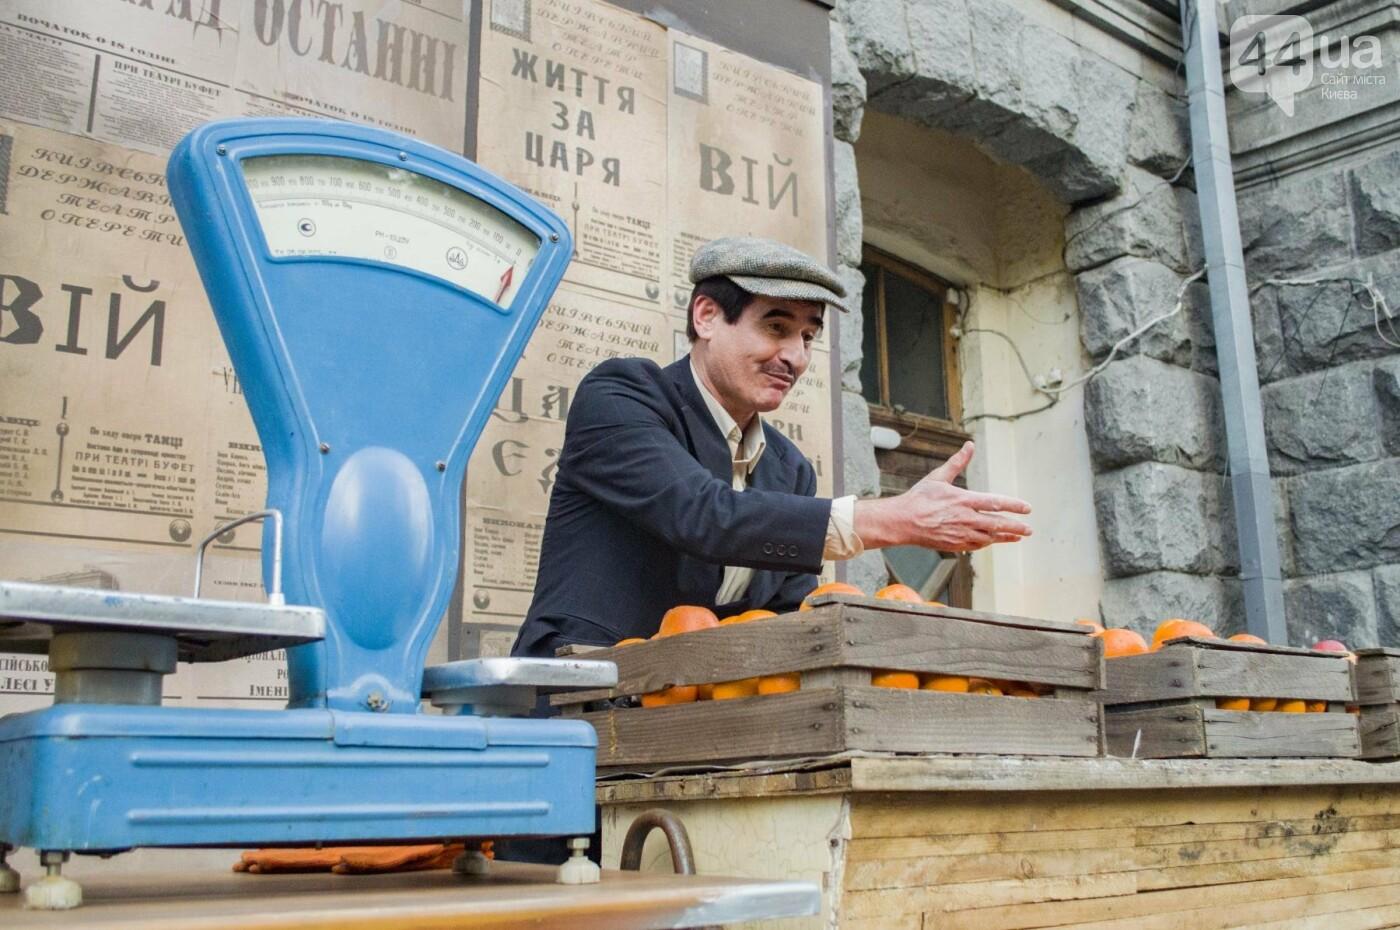 В Киеве снимают фильм об известном украинце: эксклюзивные закулисные фото, фото-6